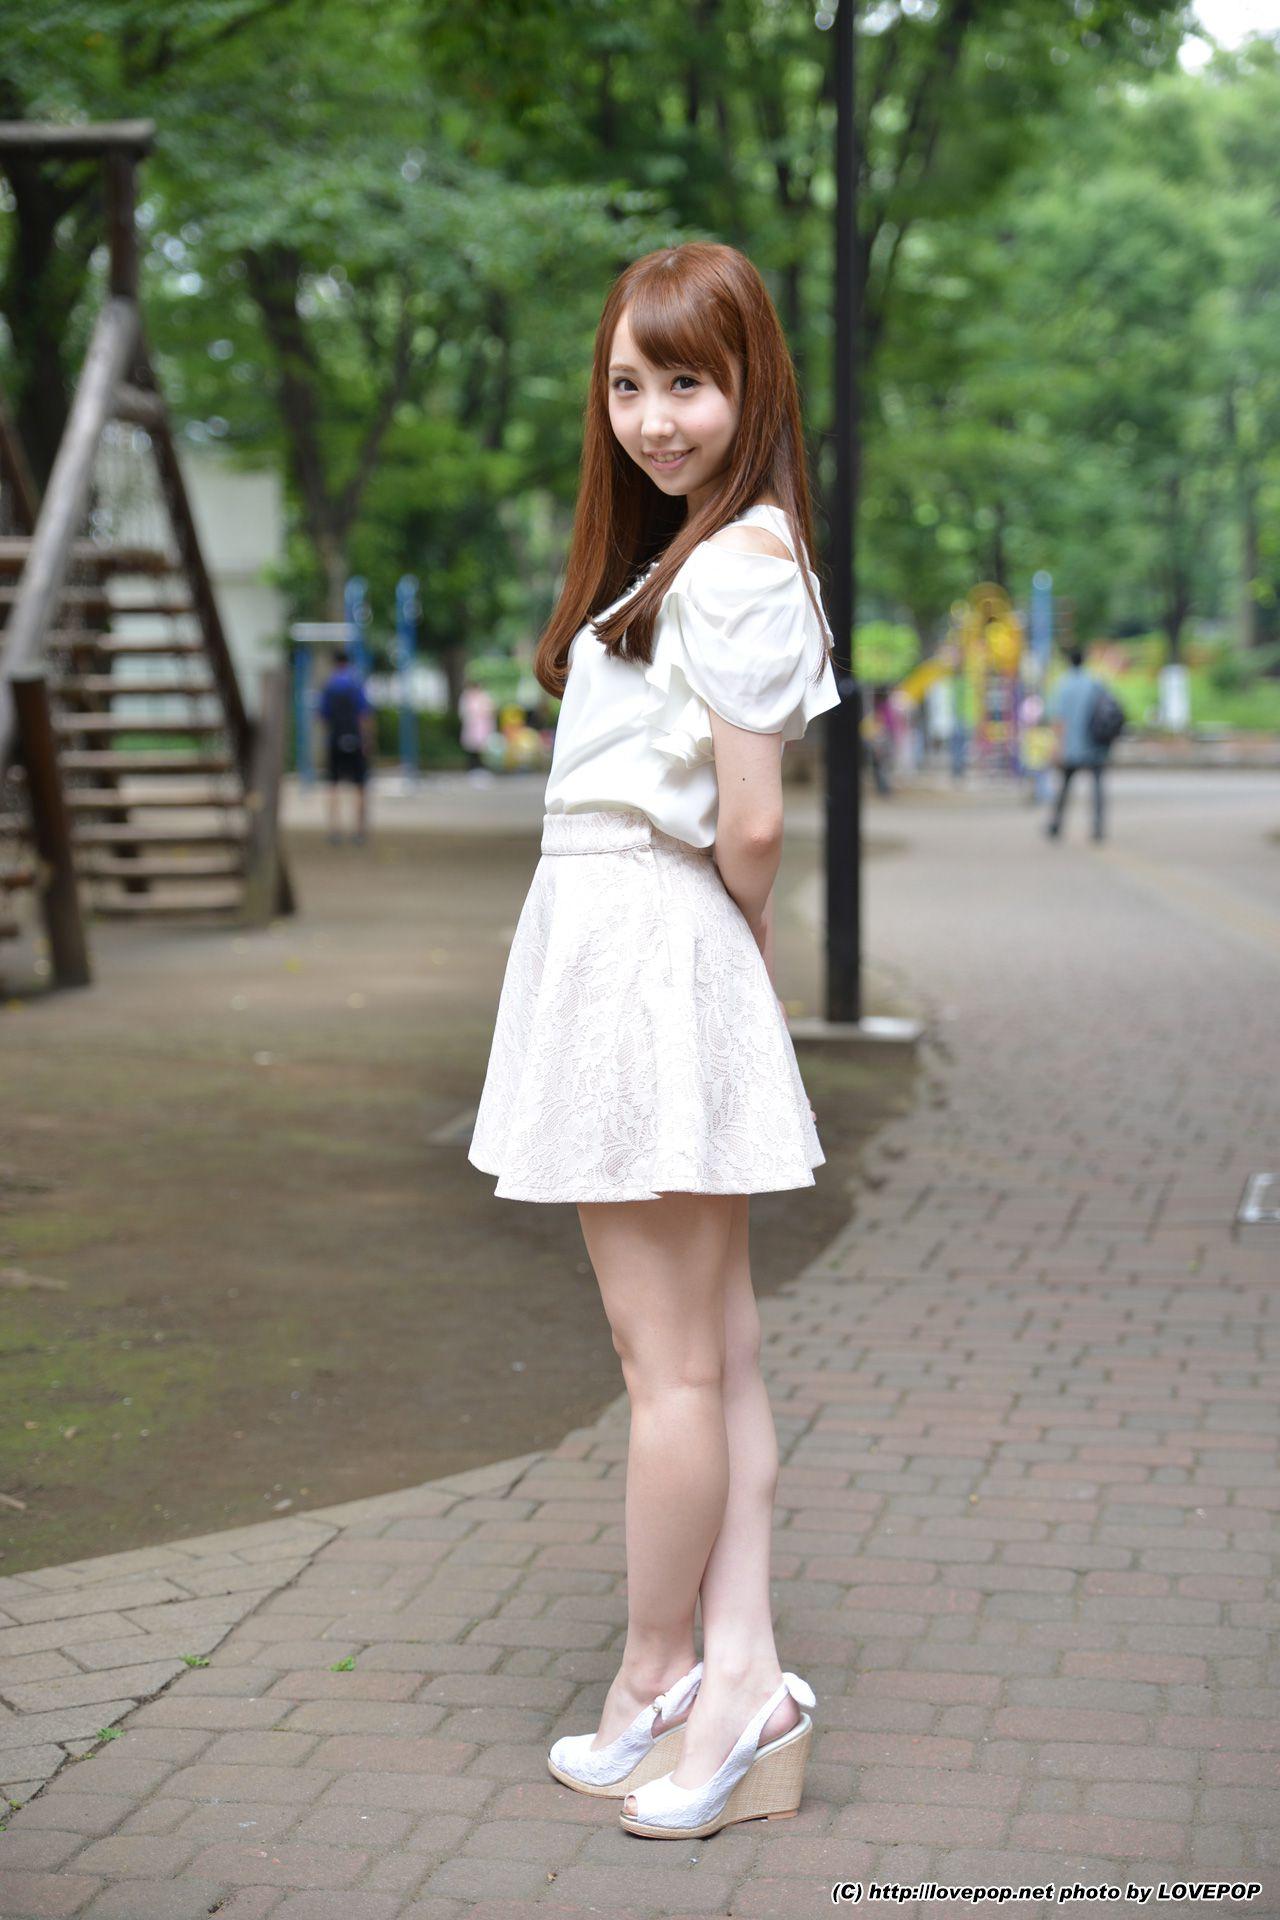 VOL.274 [LovePop]街拍连衣裙软妹清纯少女:宇佐美舞(宇佐美まい)超高清写真套图(63P)